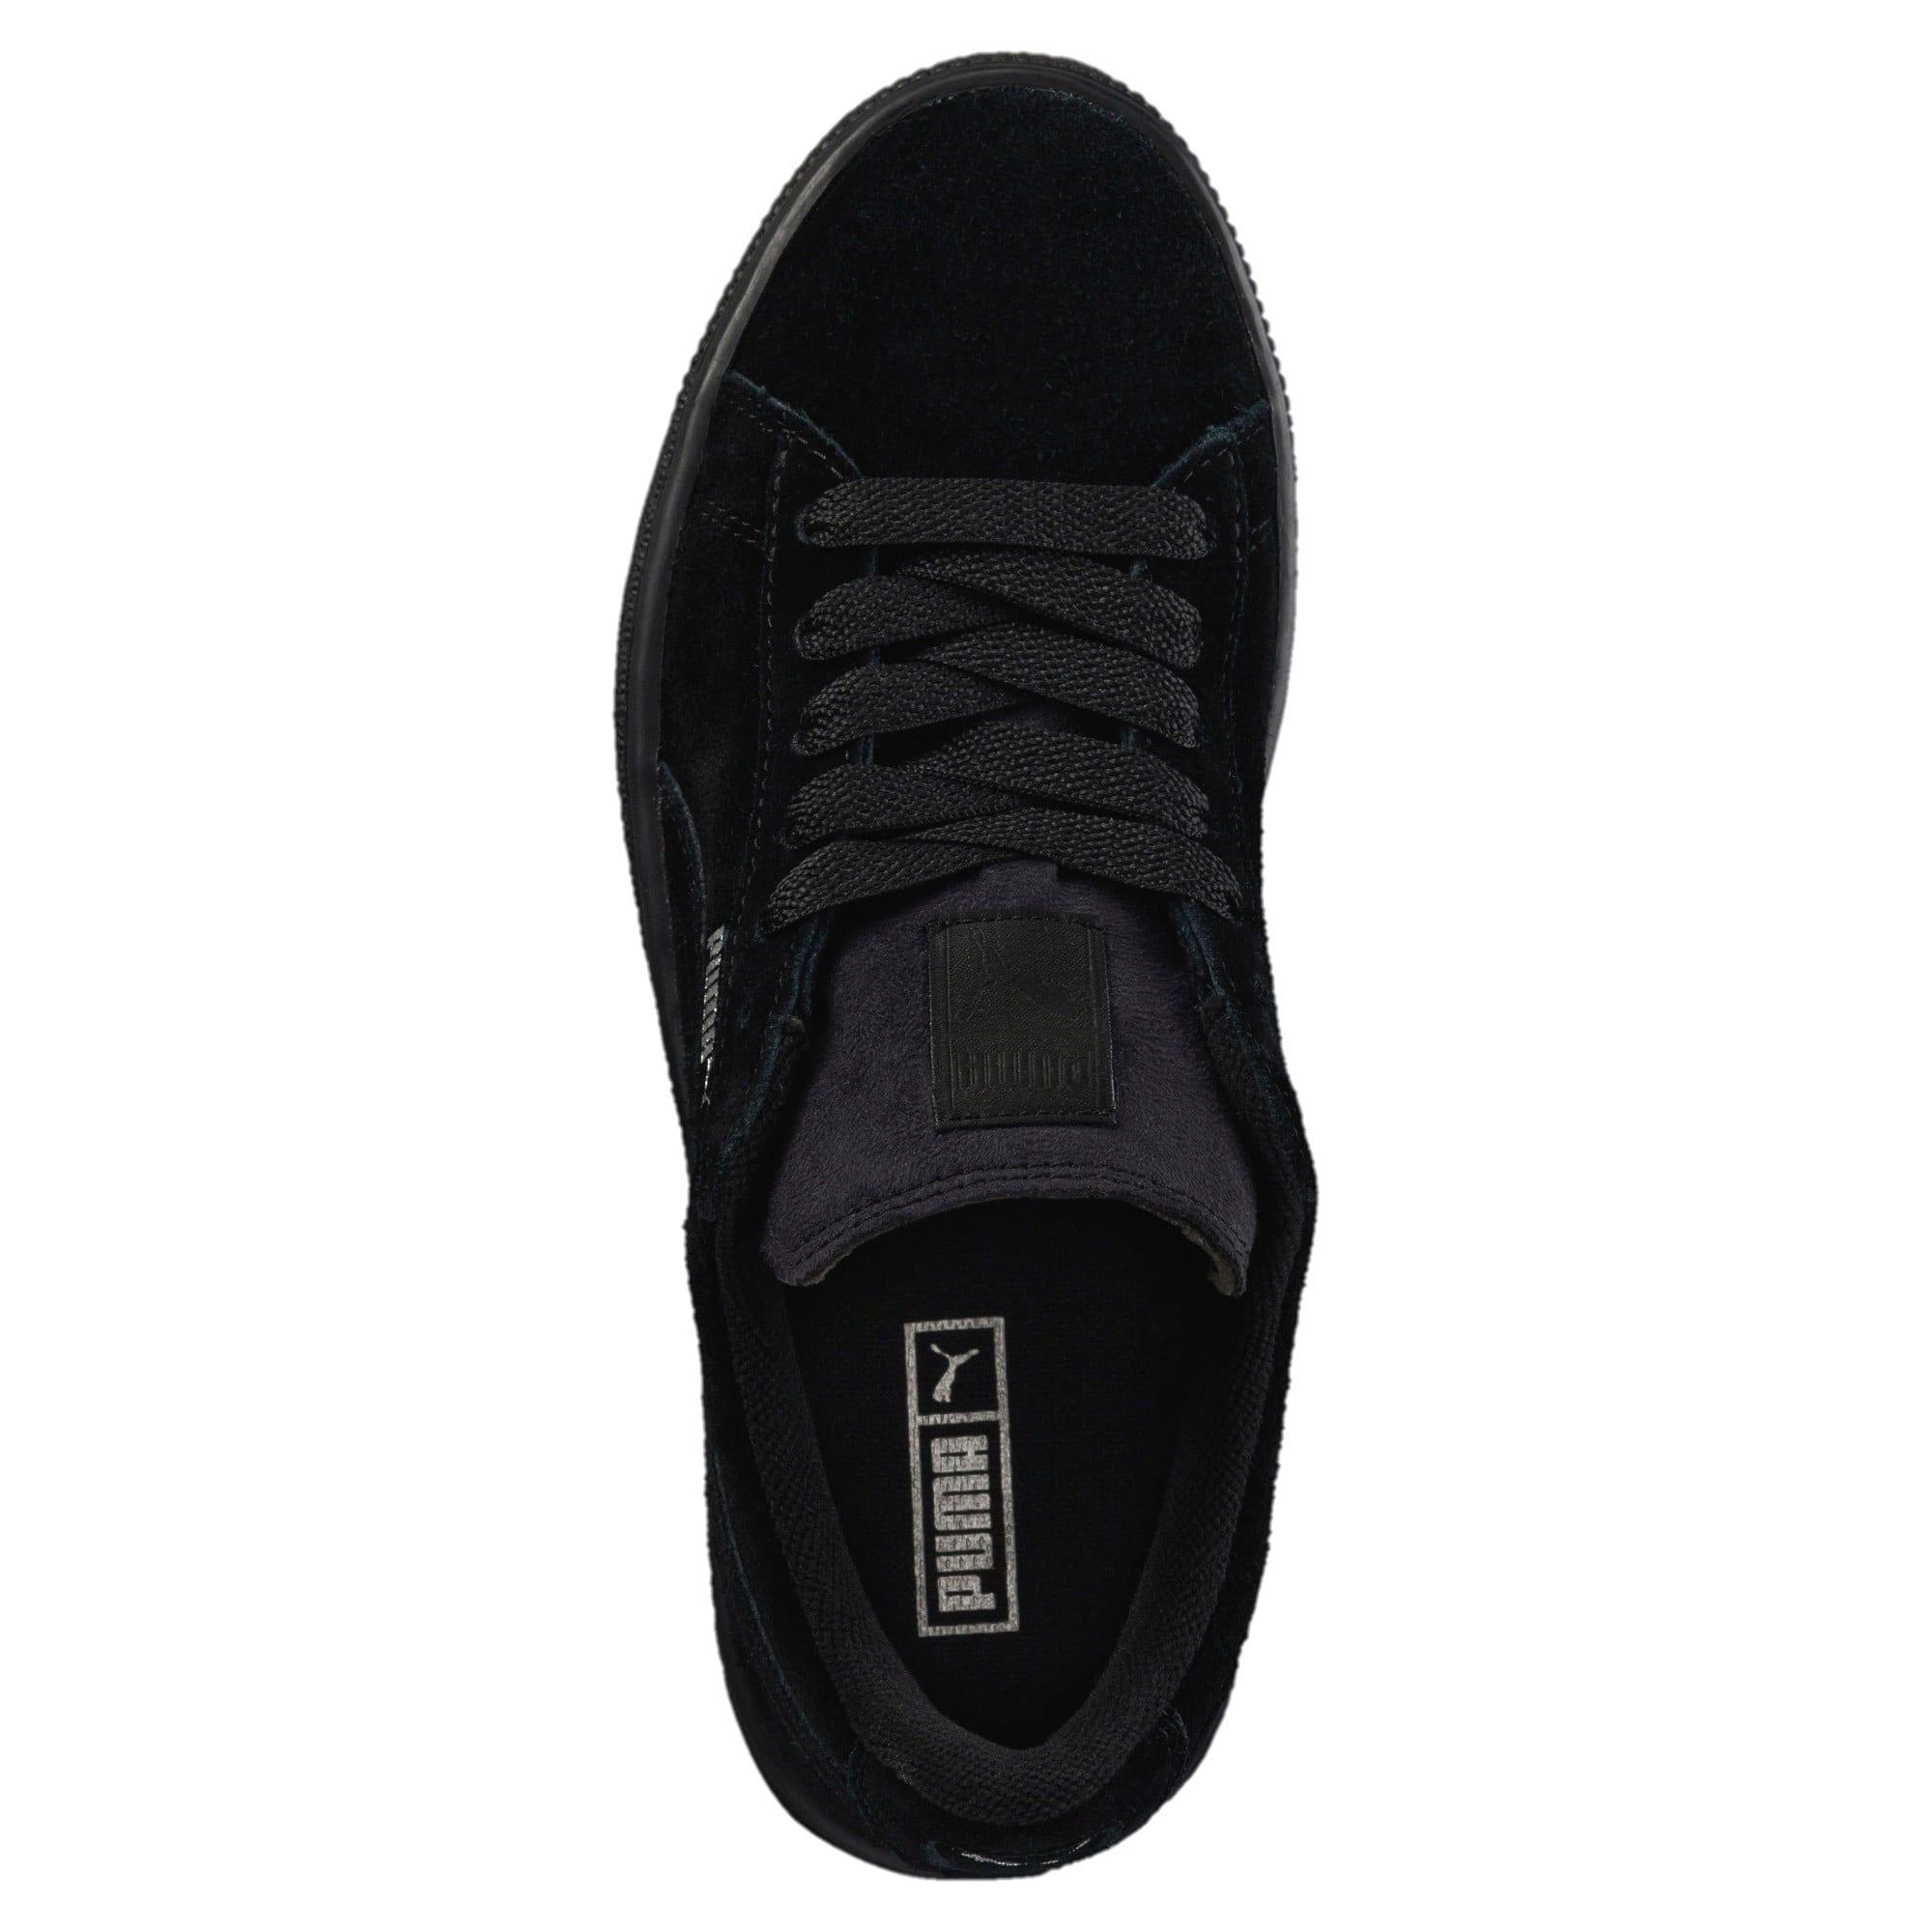 Miniatura 5 de Zapatos Suede para niños, Puma Black-Puma Silver, mediano